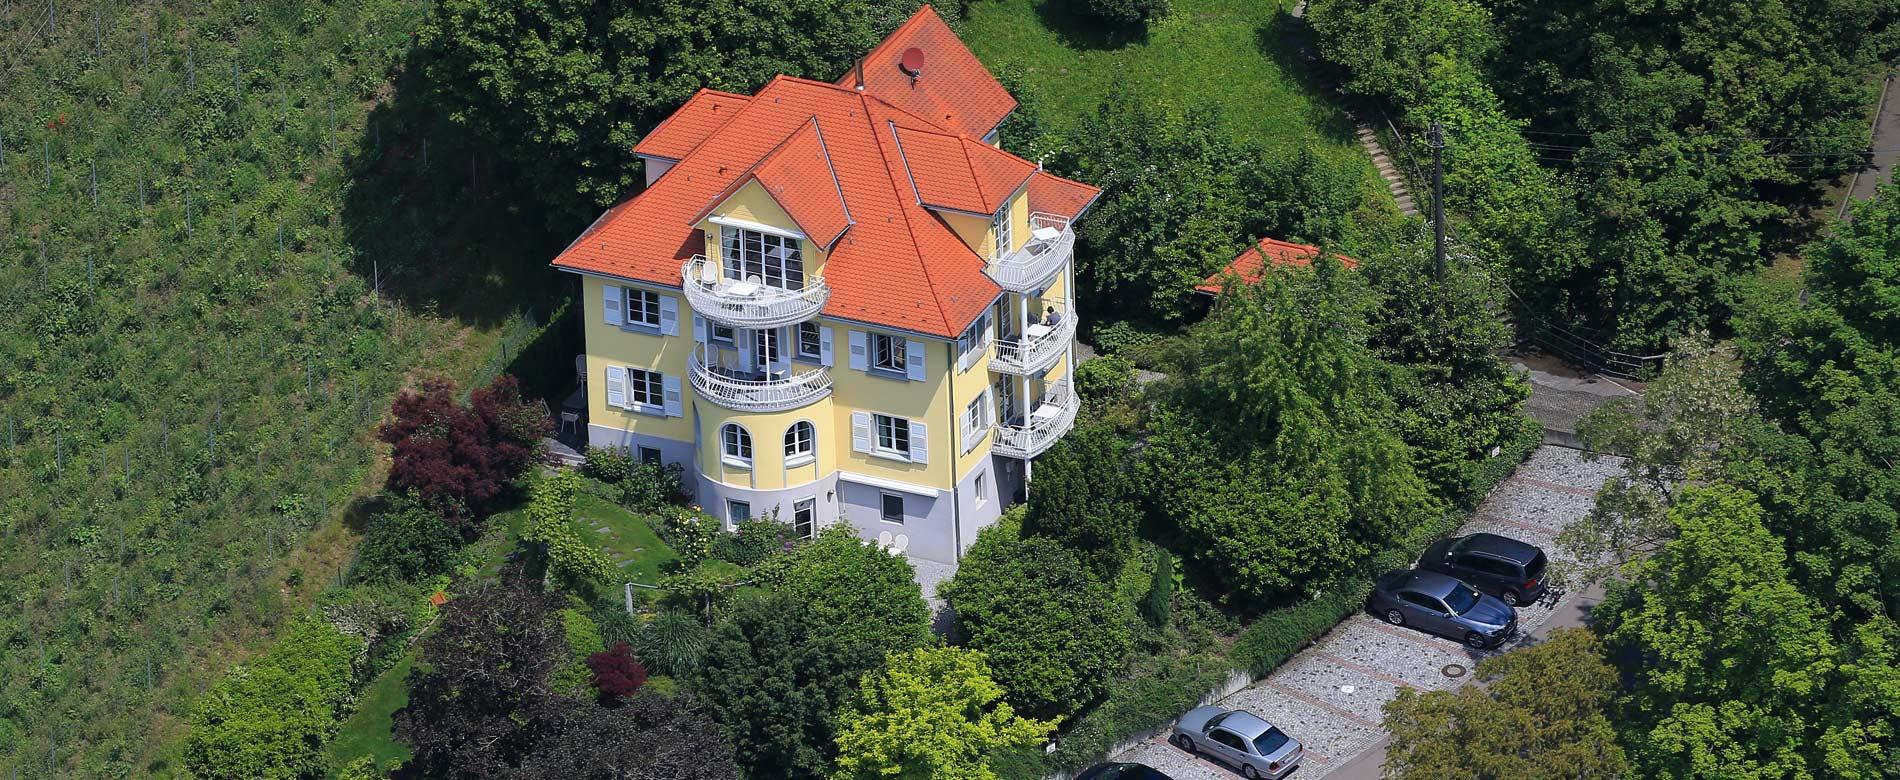 Ferienwohnung Pfarrhaus in Meersburg - Unsere Ferienwohnungen 4